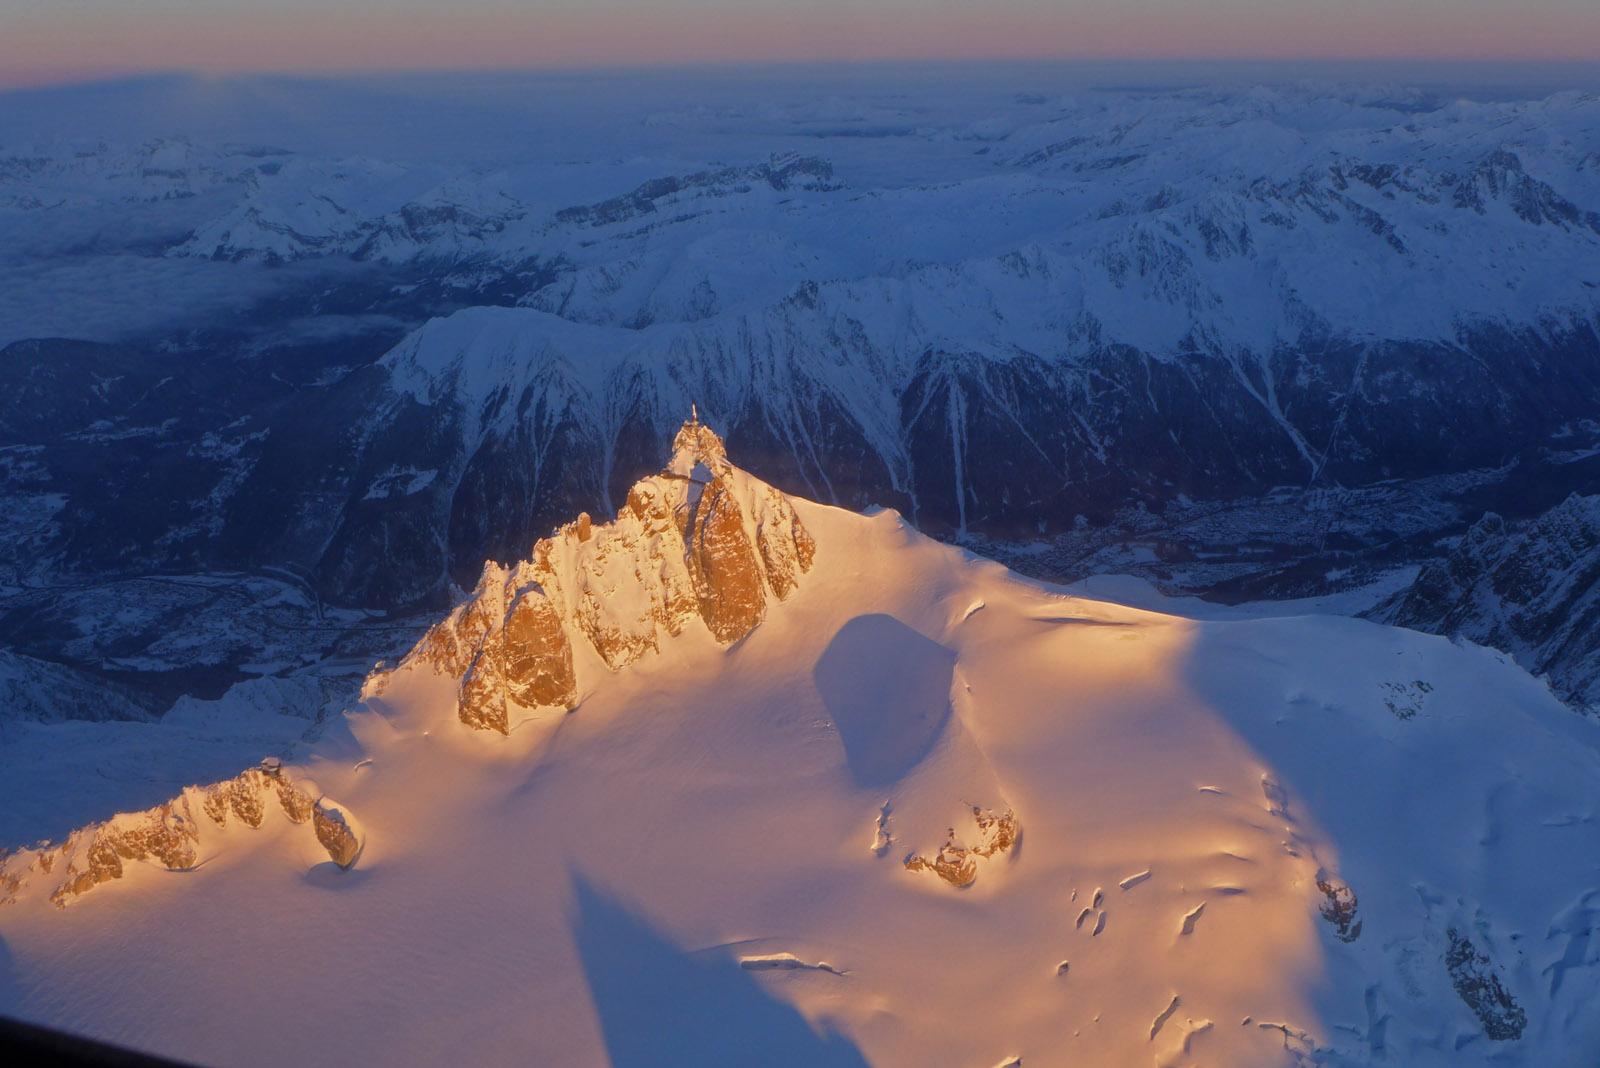 zuba-ski-chamonix-freeride-day-001.jpg